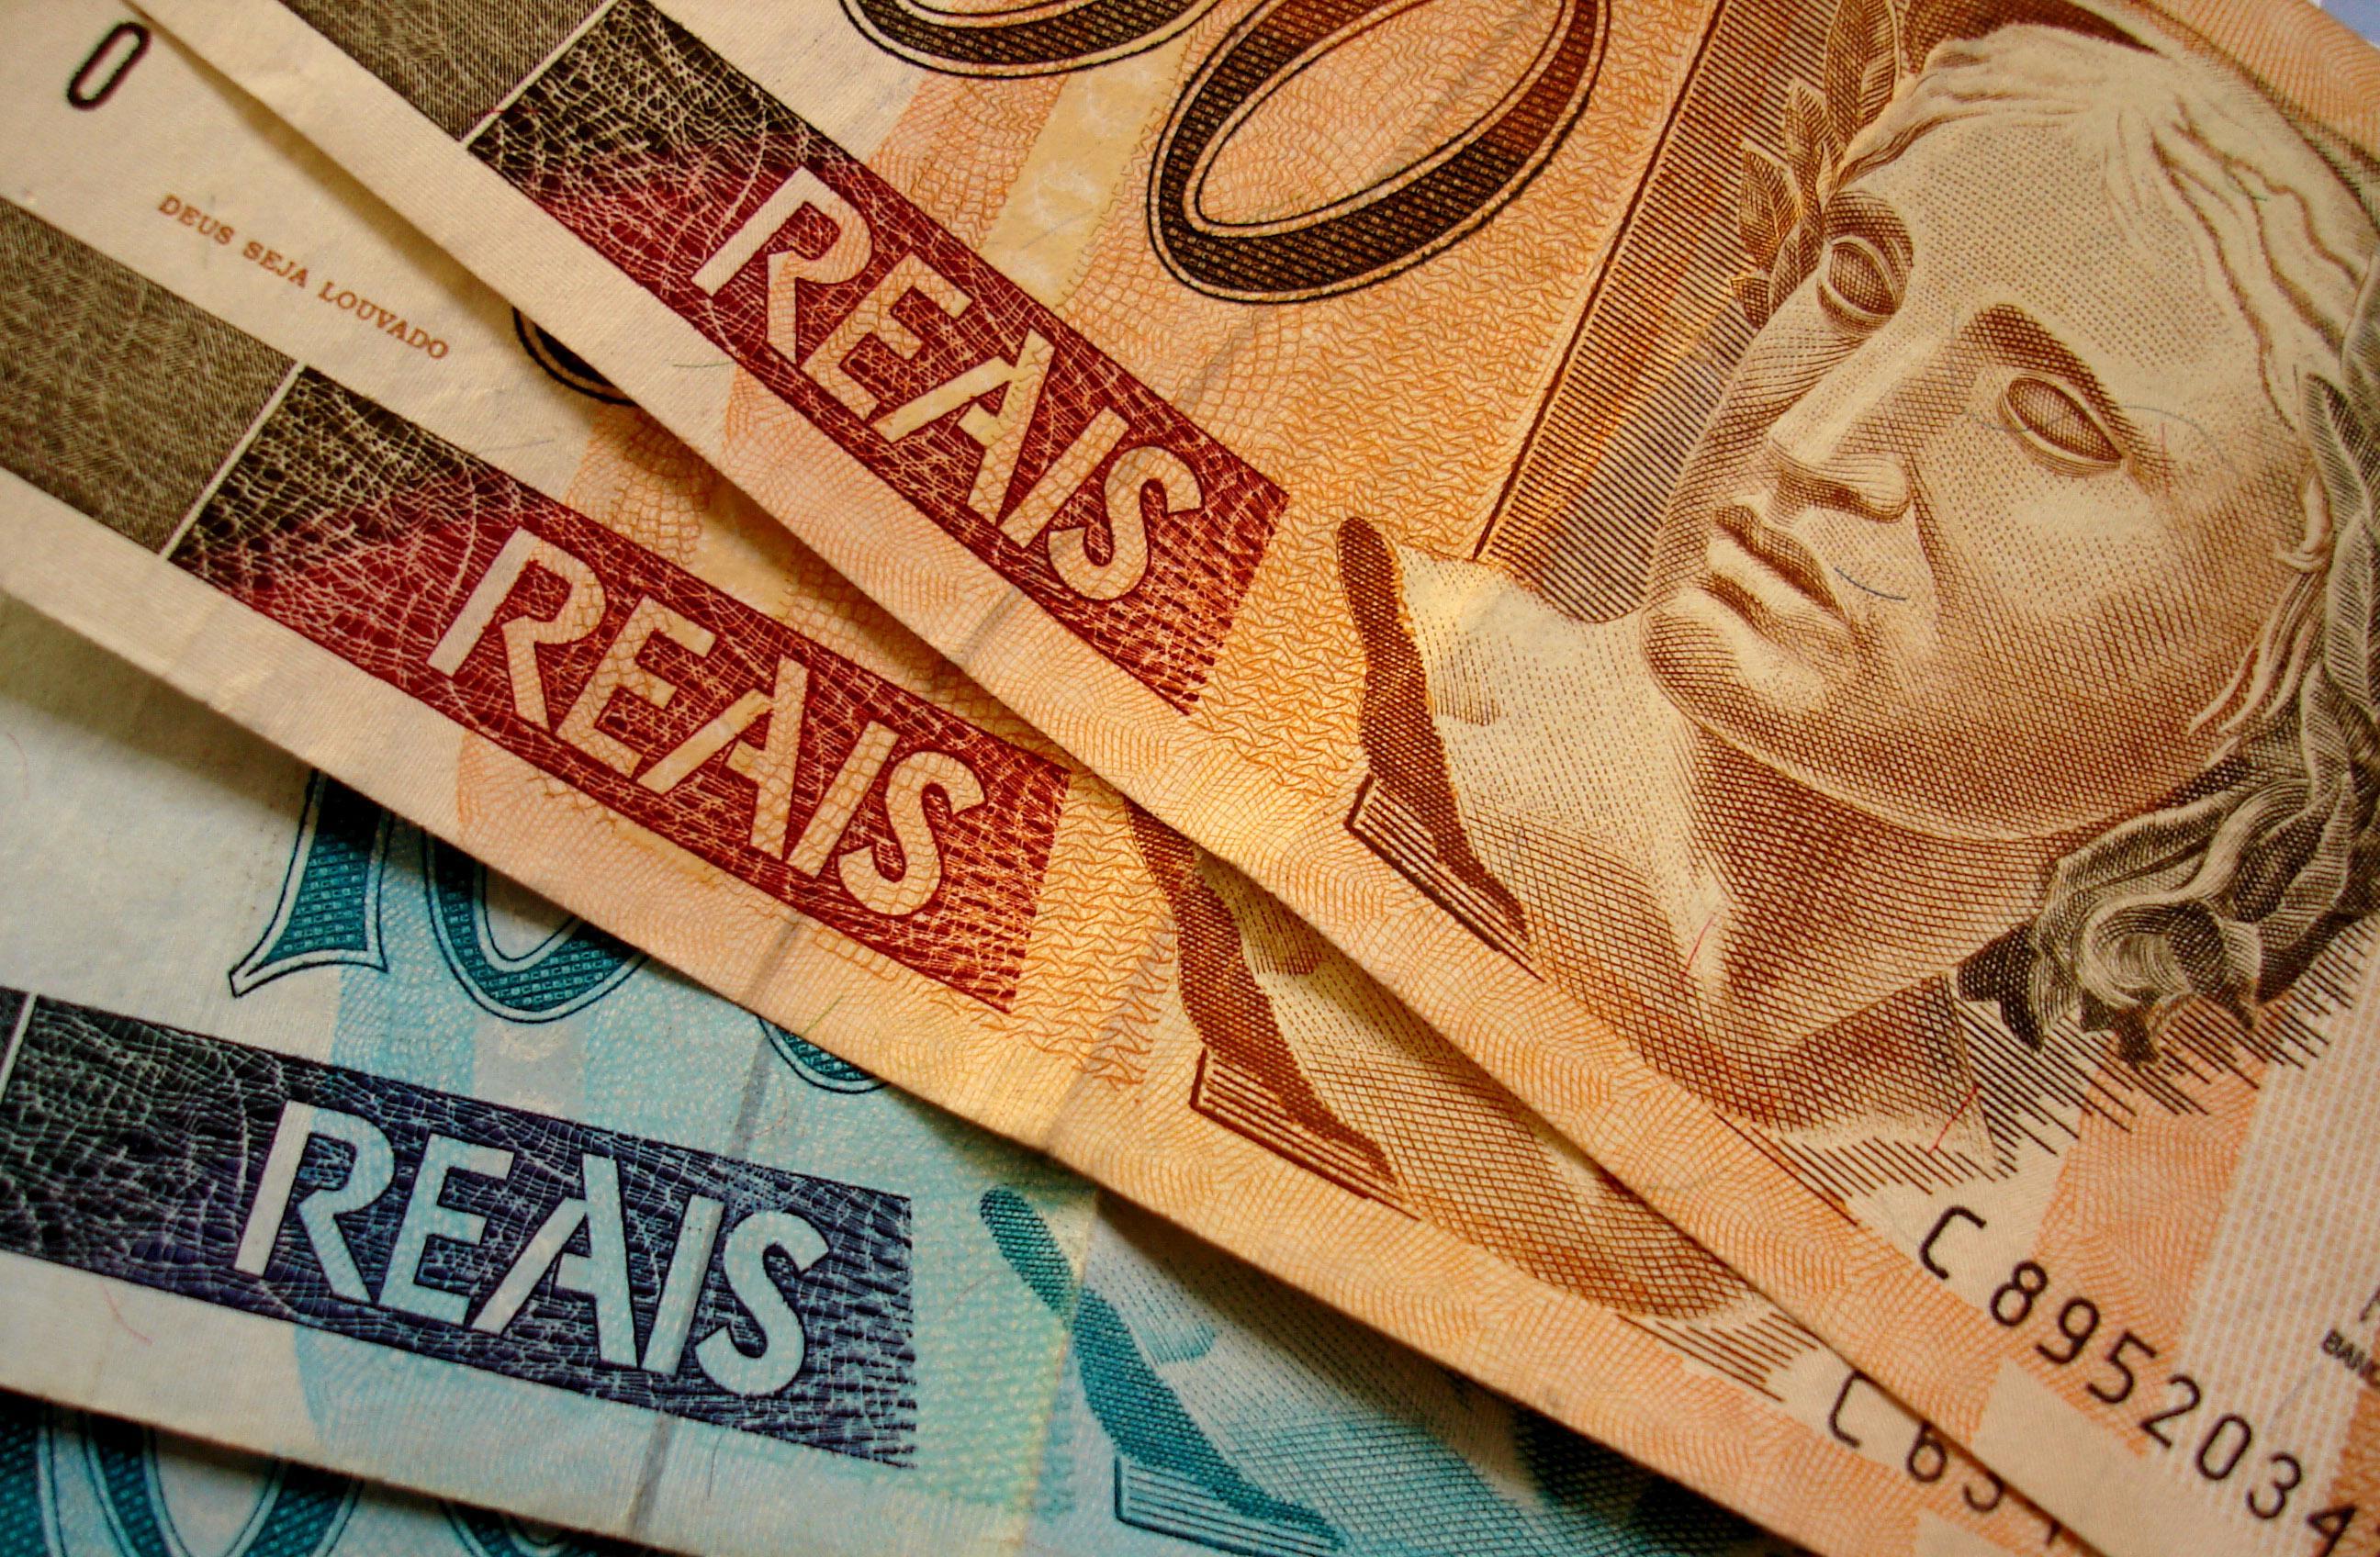 Renda média domiciliar per capita do brasileiro é R$ 1.052, diz IBGE